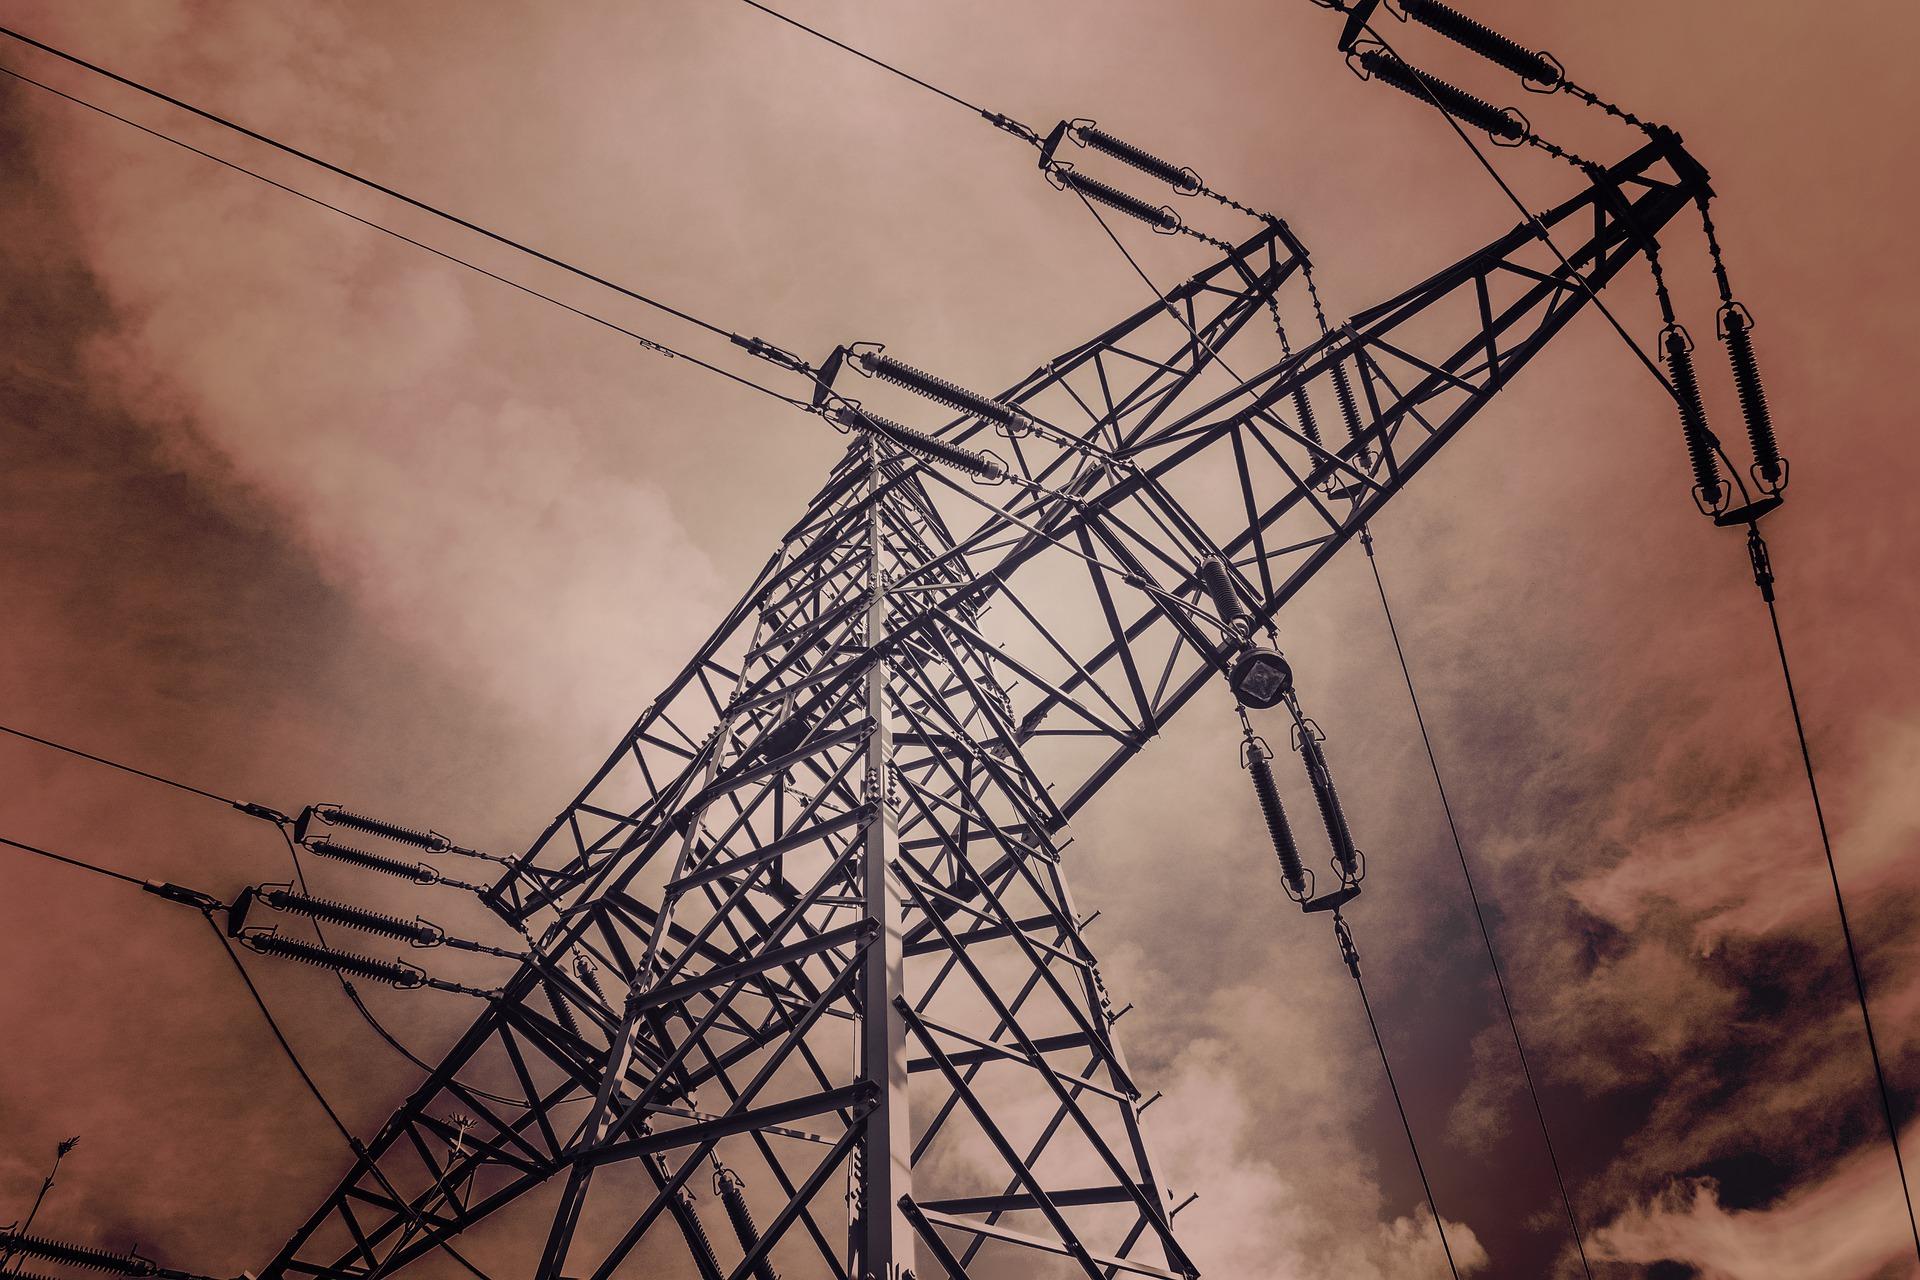 На Украине захотели срочно отключиться от российской энергетической системы и присоединиться к европейской